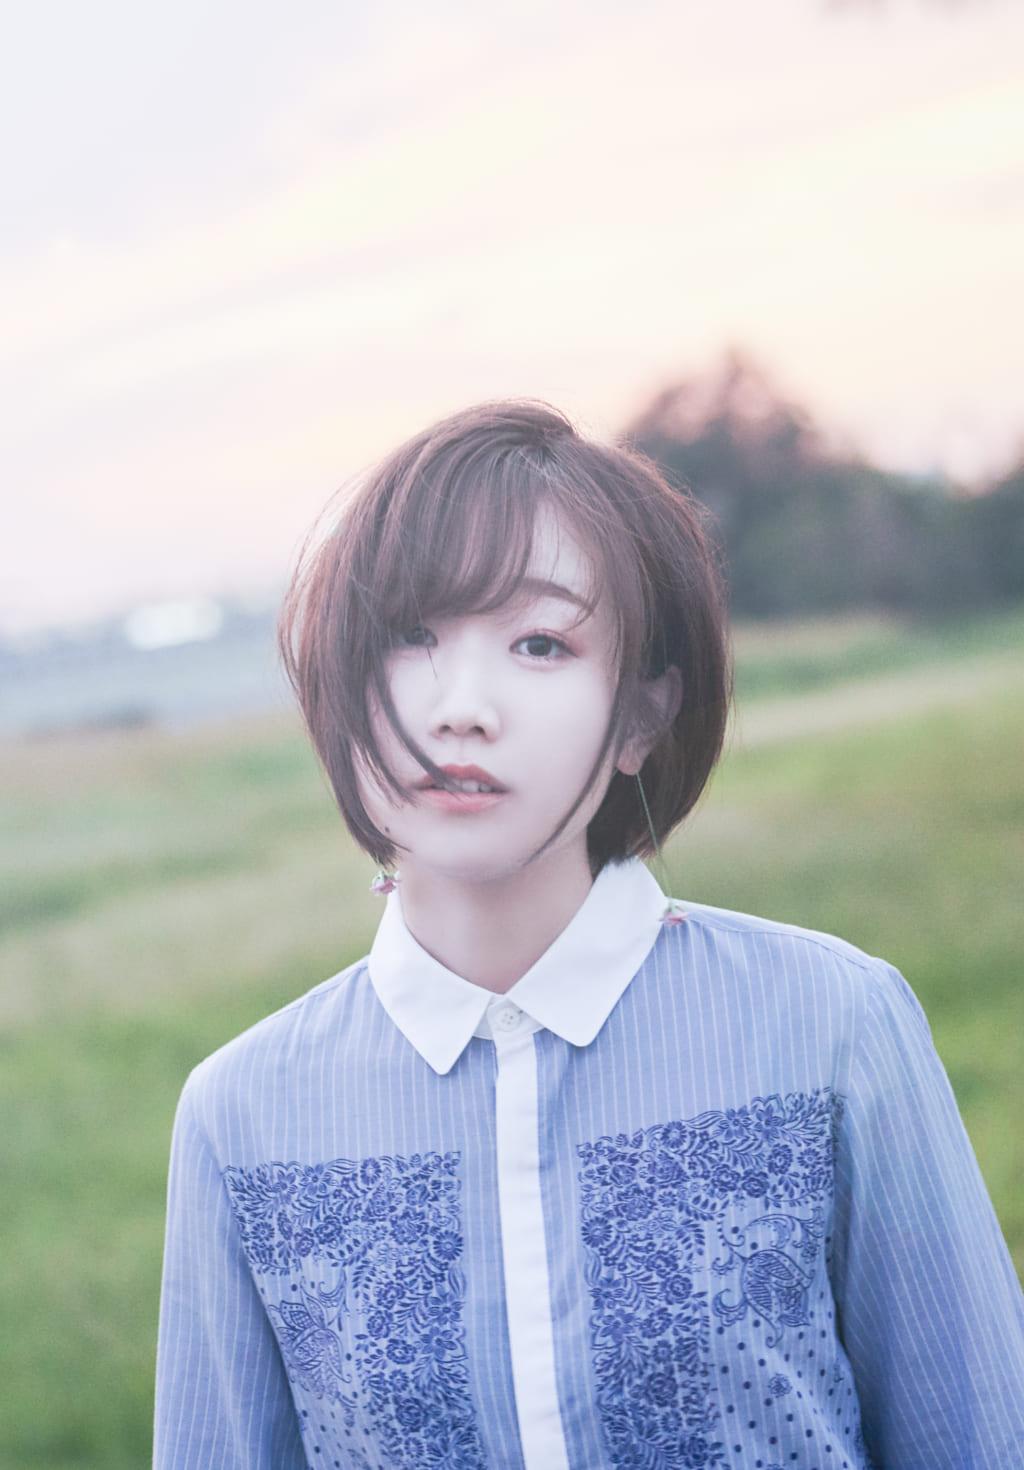 田所あずさ「RIVALS」発売記念イベント開催決定!!